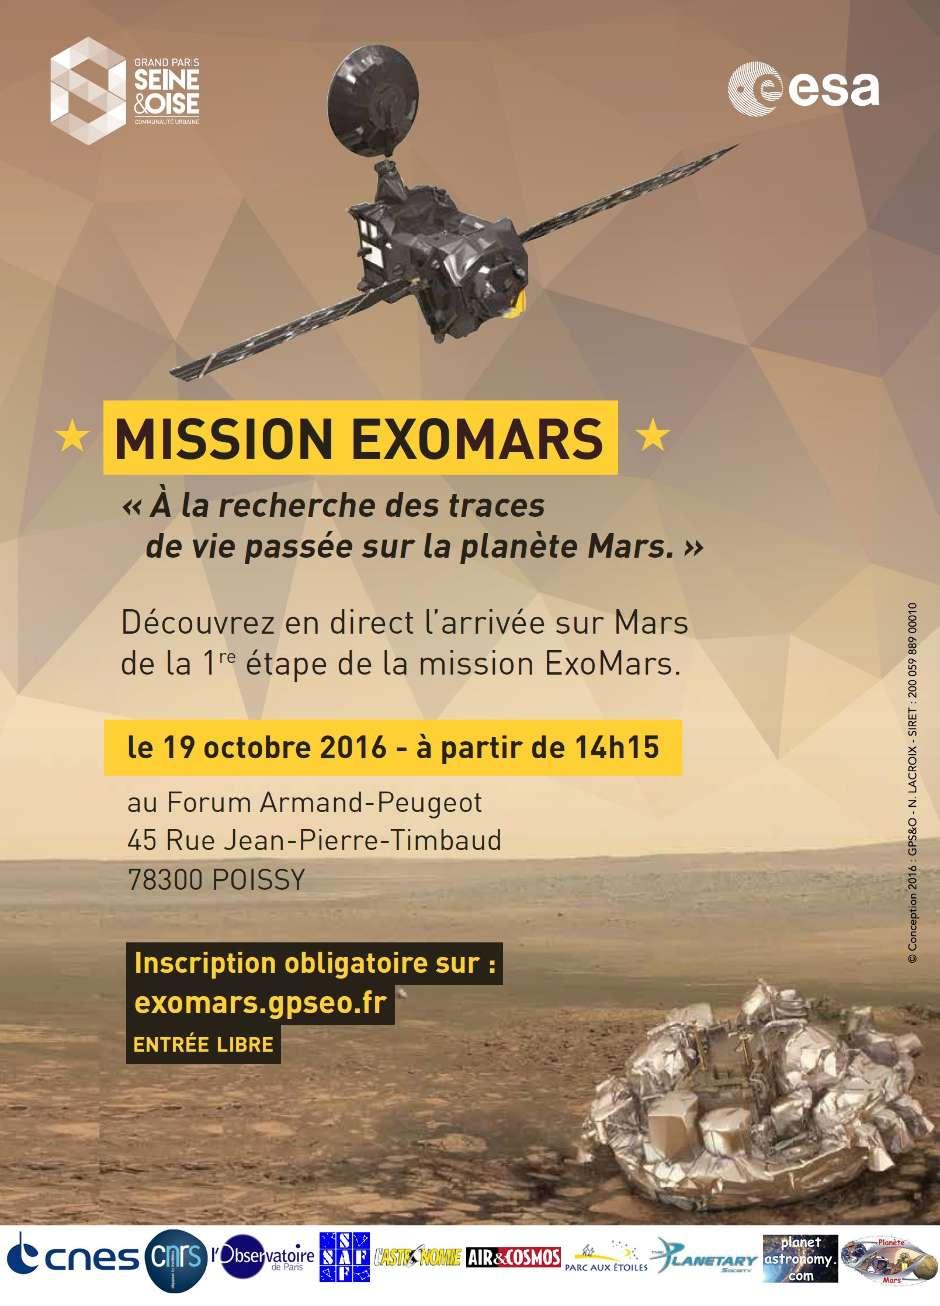 Suivi en direct de l'arrivée d'ExoMars à Poissy le 19 octobre